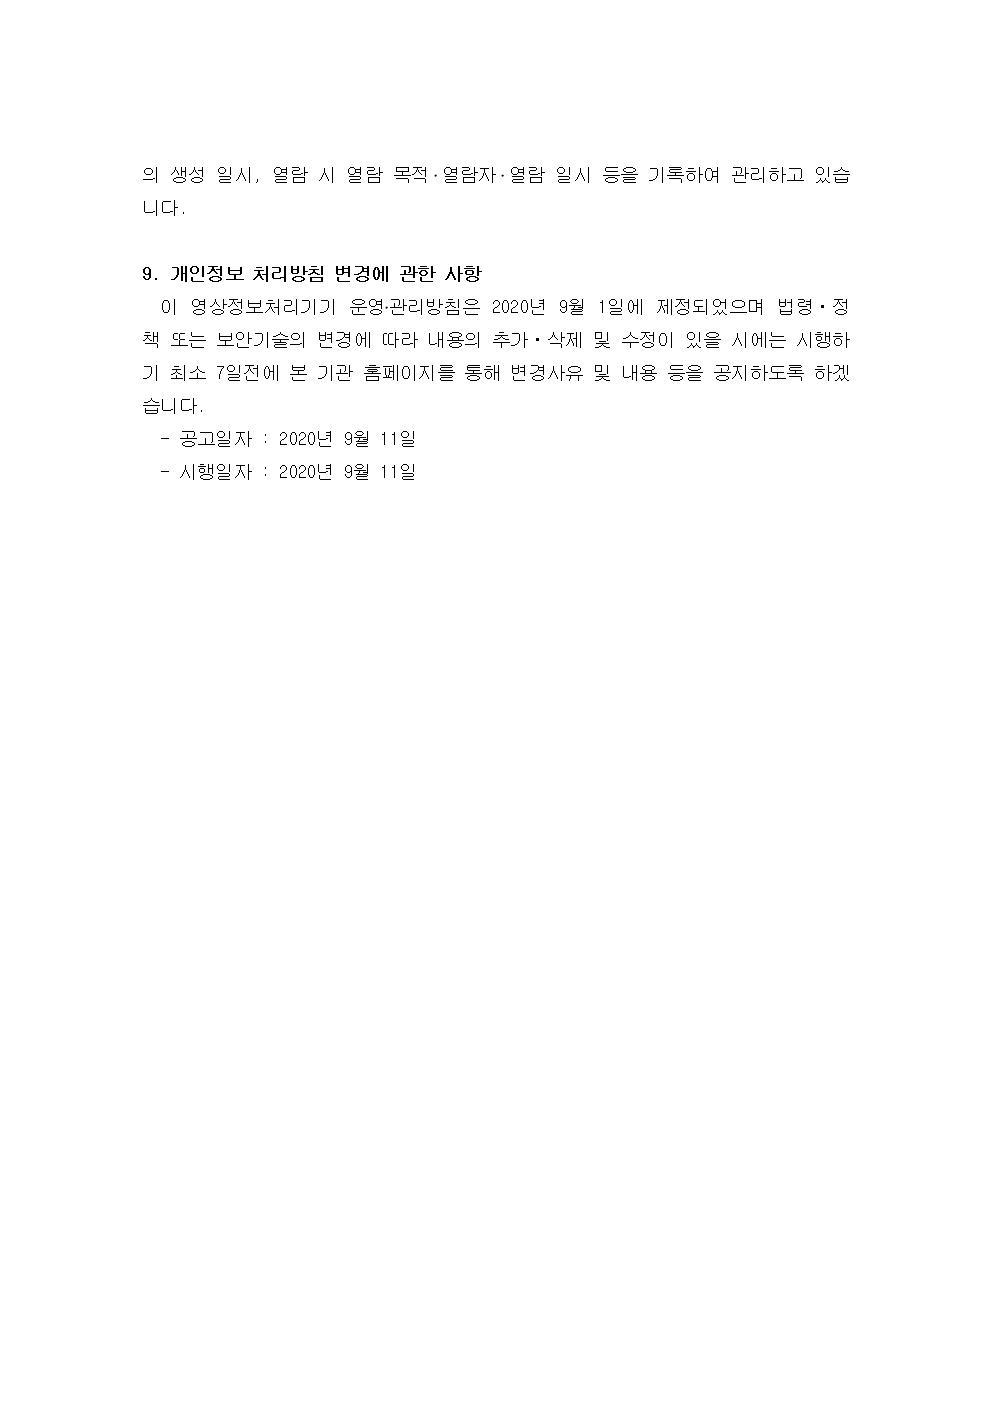 2020년 사랑유치원 영상정보처리기기 운영관리 방침003.jpg